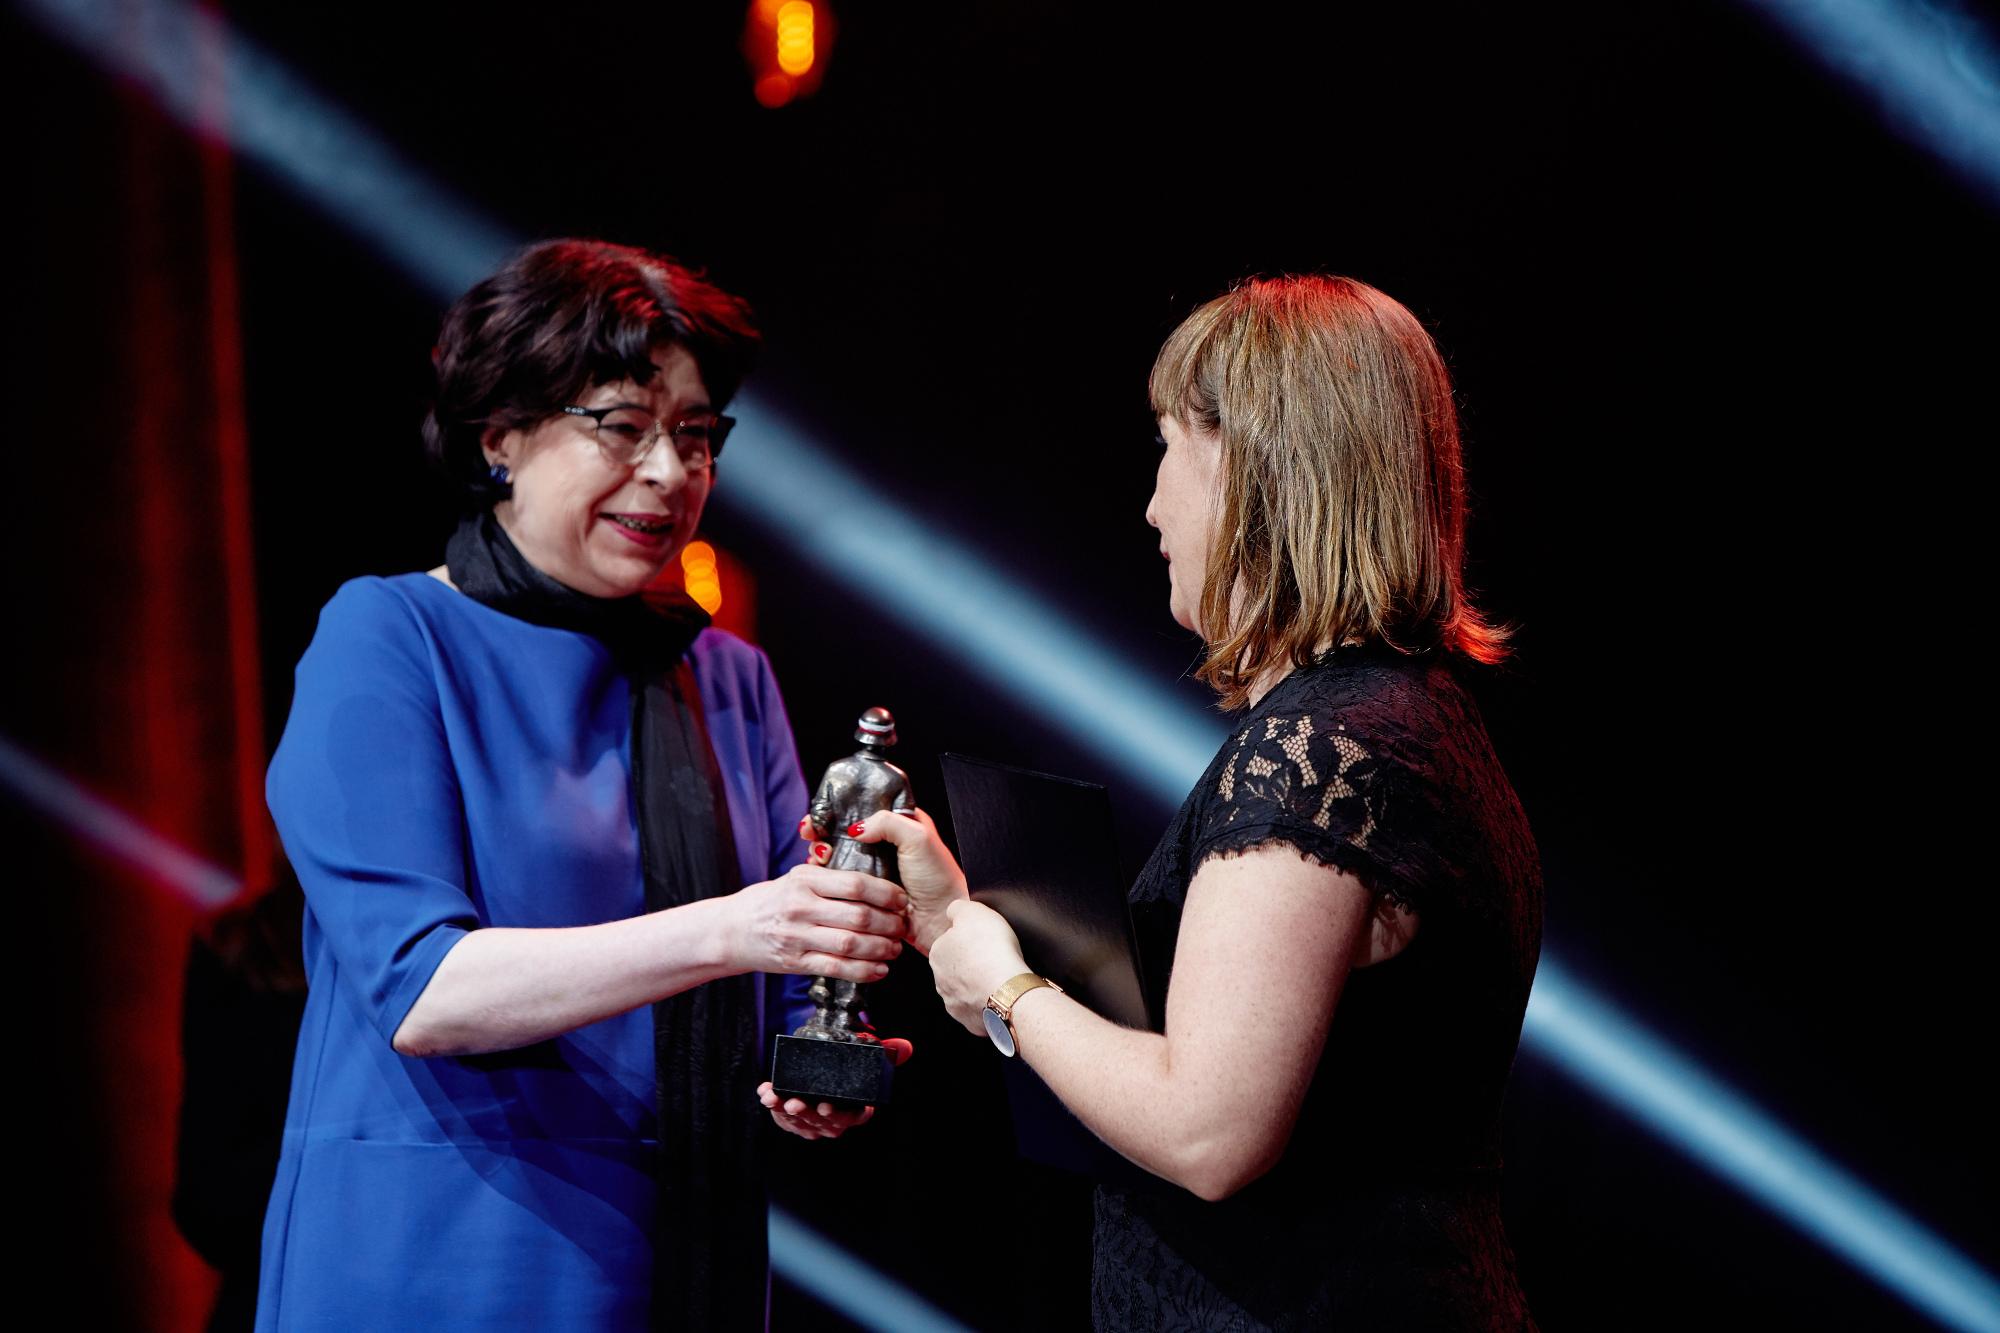 Nagroda_BohaterONy_2019_gala_fot_Michał_Moryl MNIEJSZE ZDJĘCIE (1)